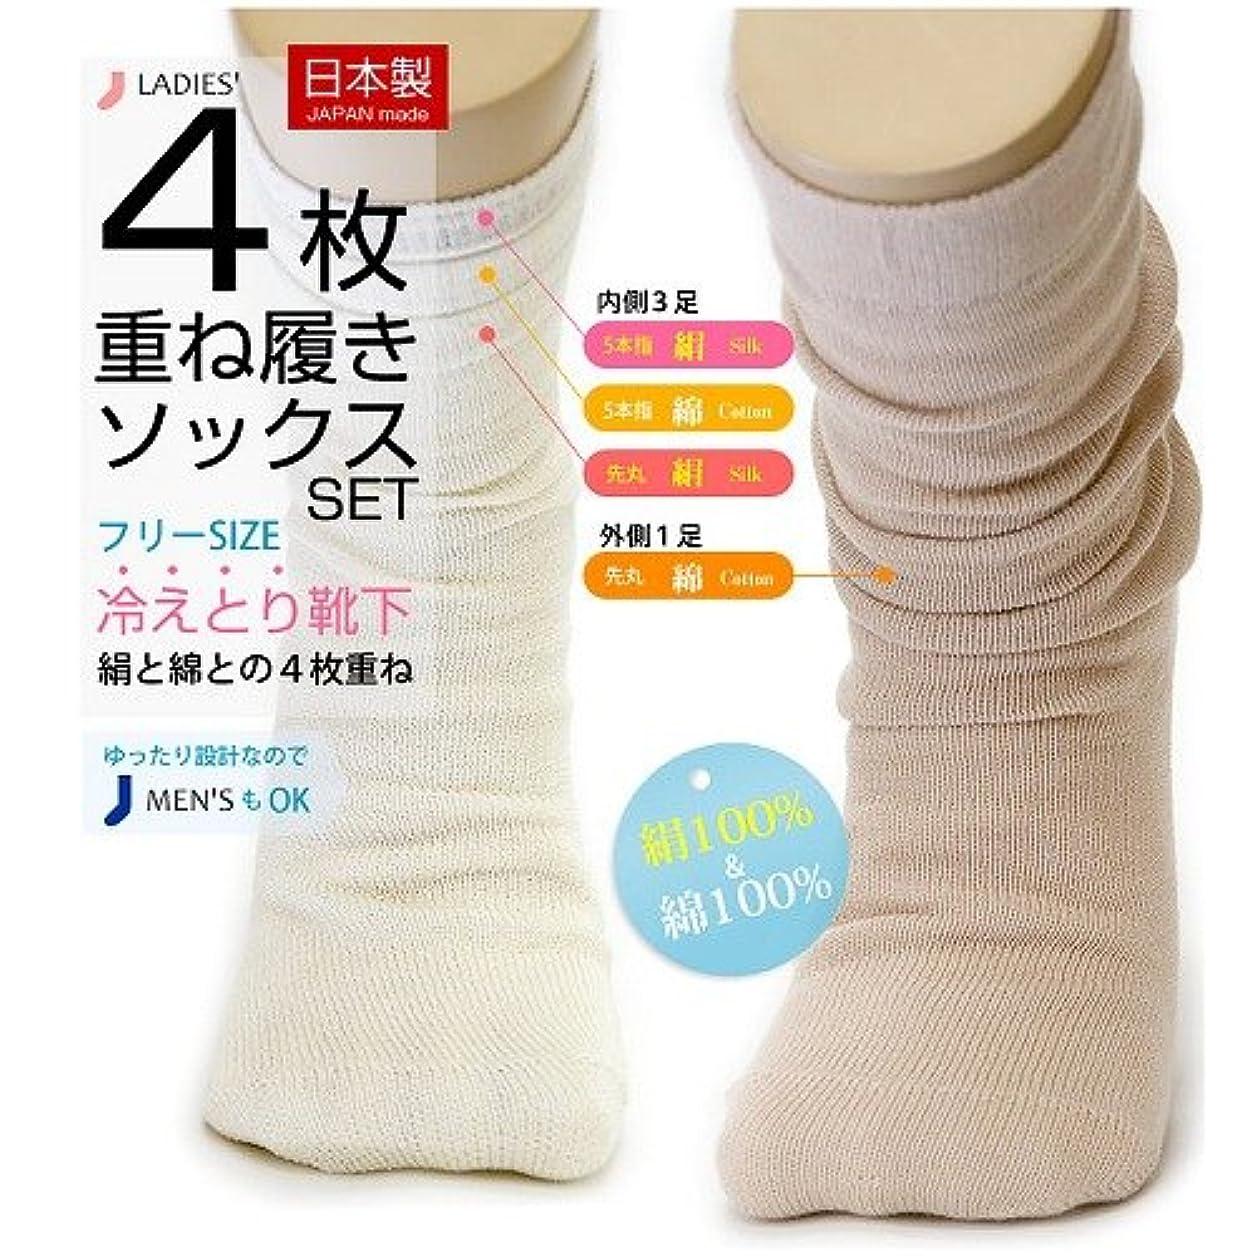 わがまま主婦管理する冷え取り靴下 綿100%とシルク100% 最高級の日本製 4枚重ねばきセット(外側ライトグレー)